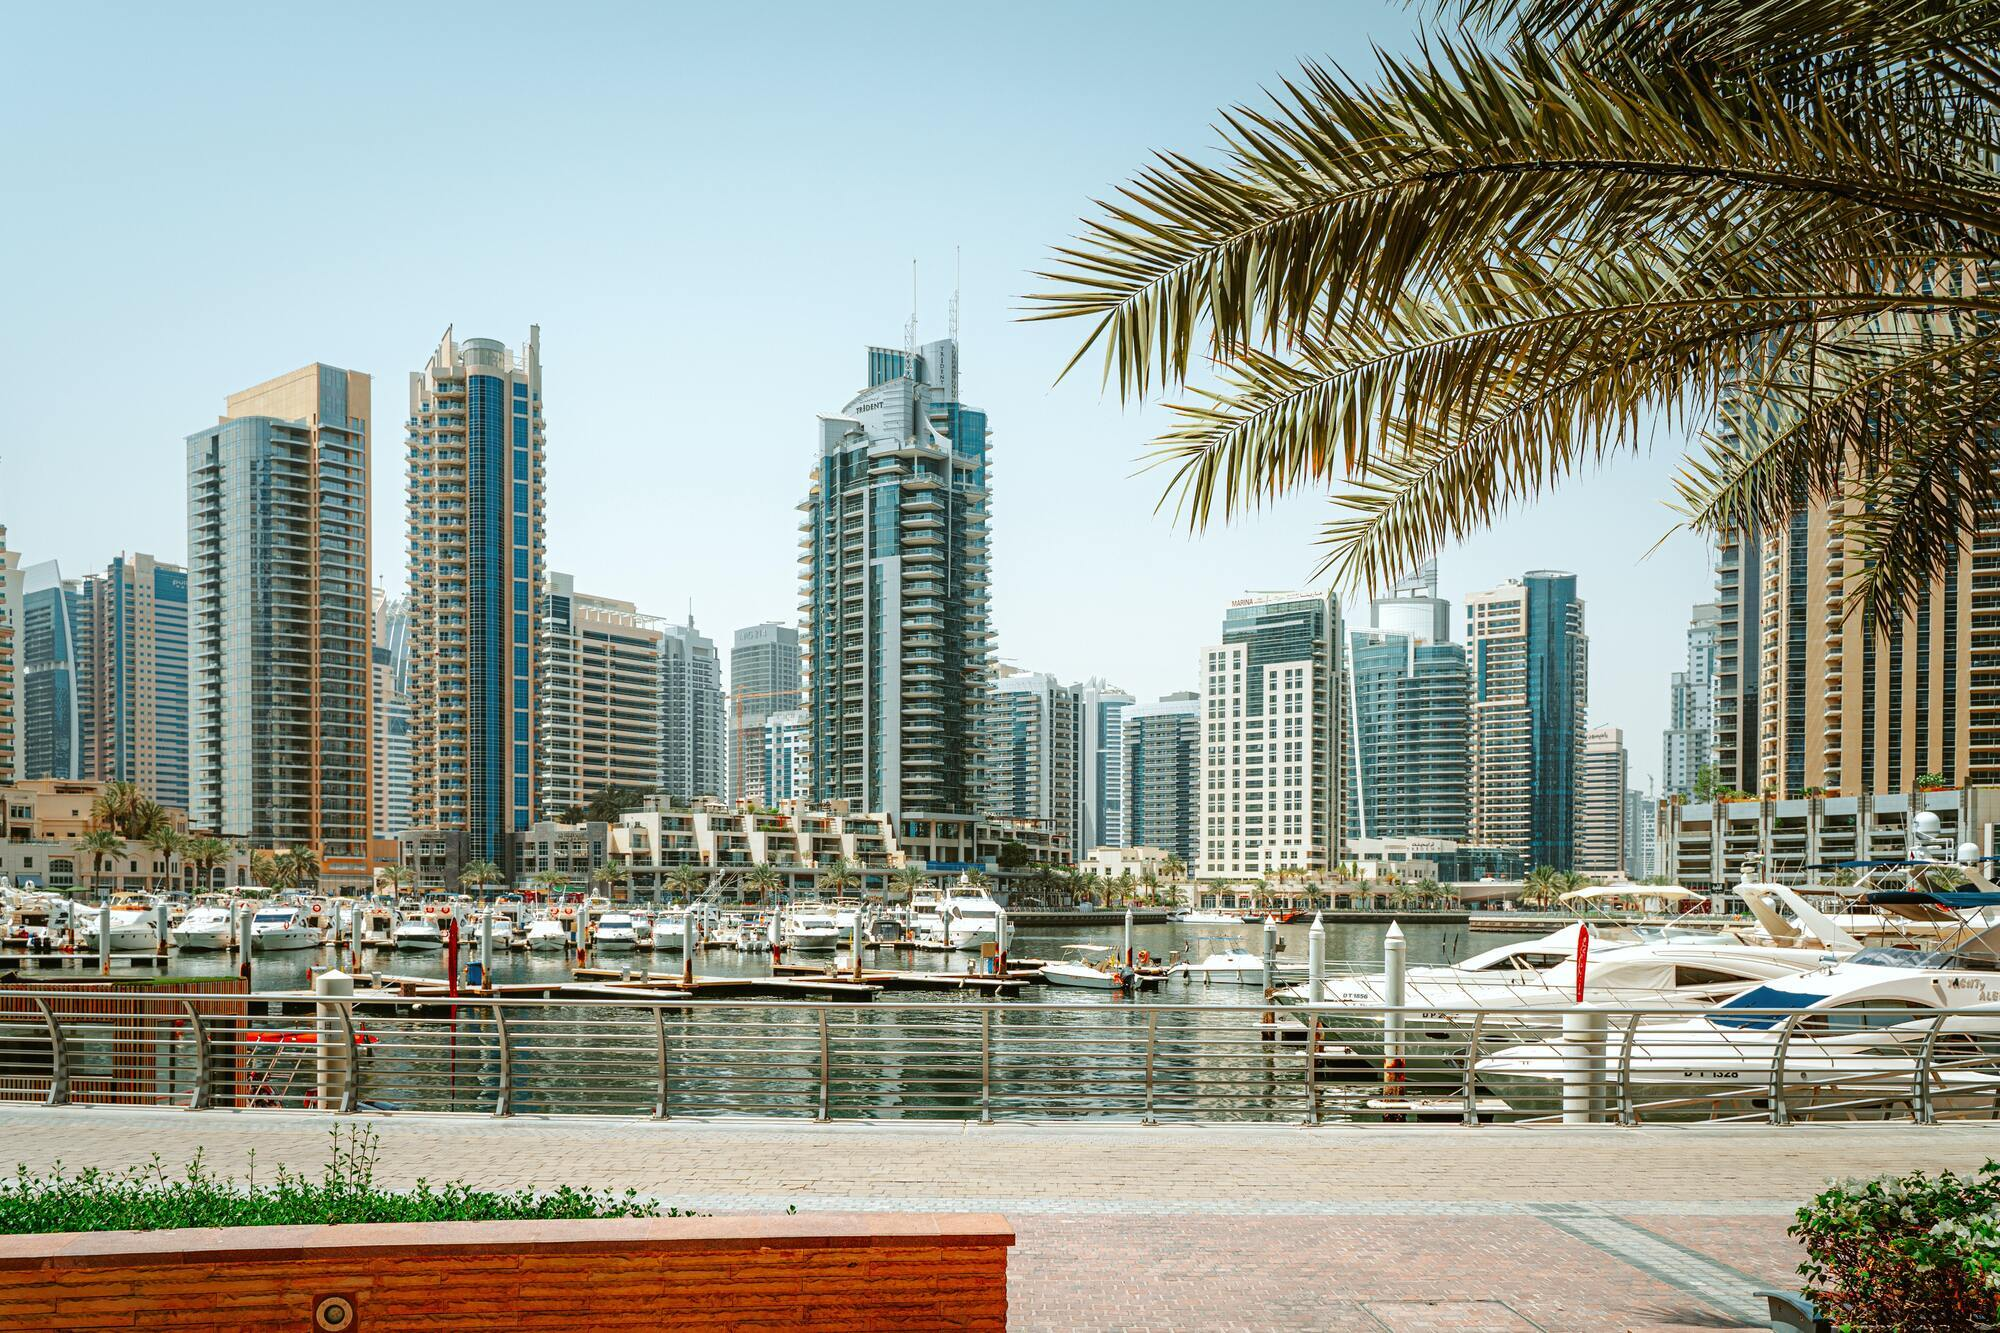 Во время самоизоляции в Дубае можно передвигаться по территории отеля